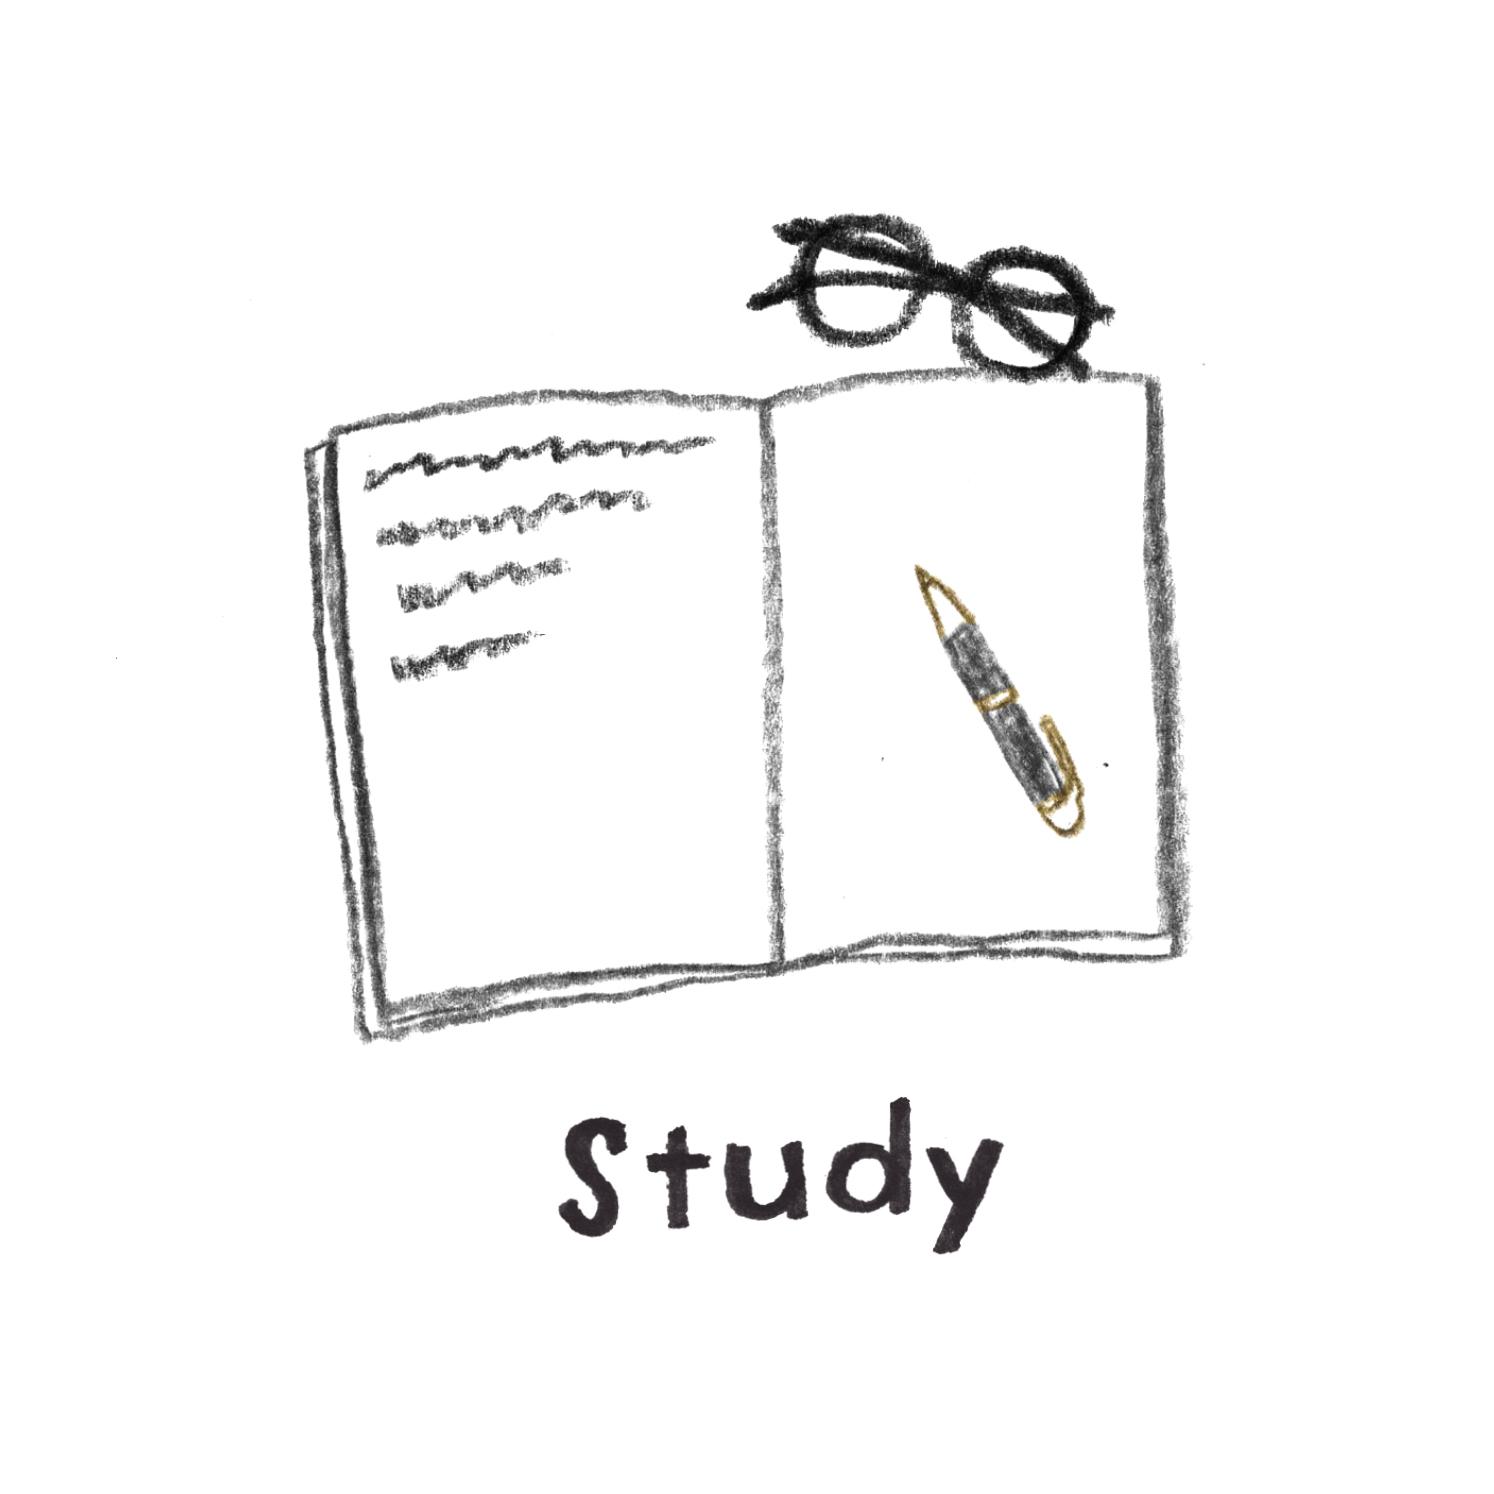 C:勉強したい